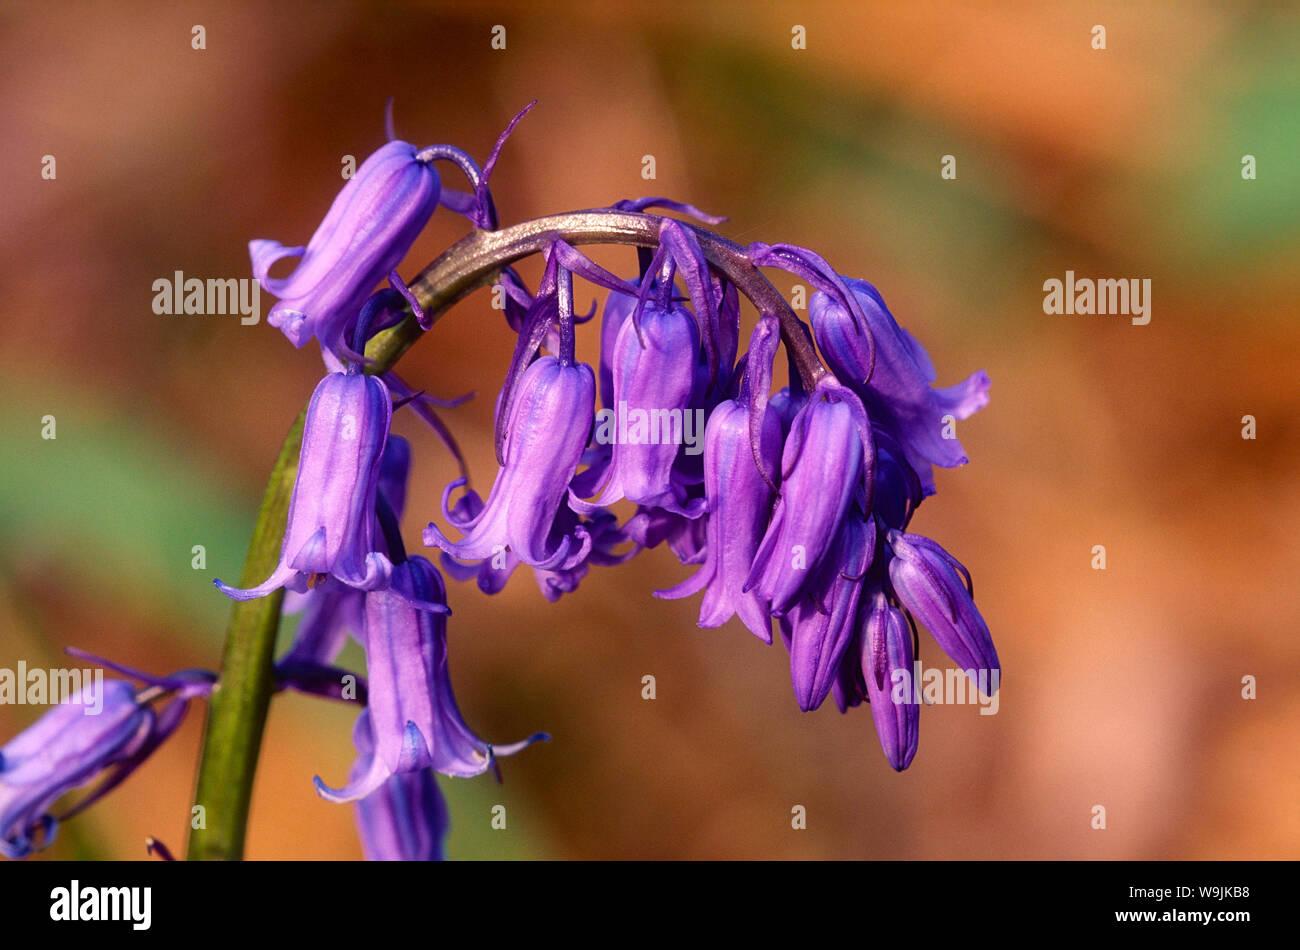 Hasenglöckchen, Scilla non-scripta, Liliaceae, Blume, blühend, Blüten, Pflanze, Schottland, Grossbritannien, 30071003 Stock Photo